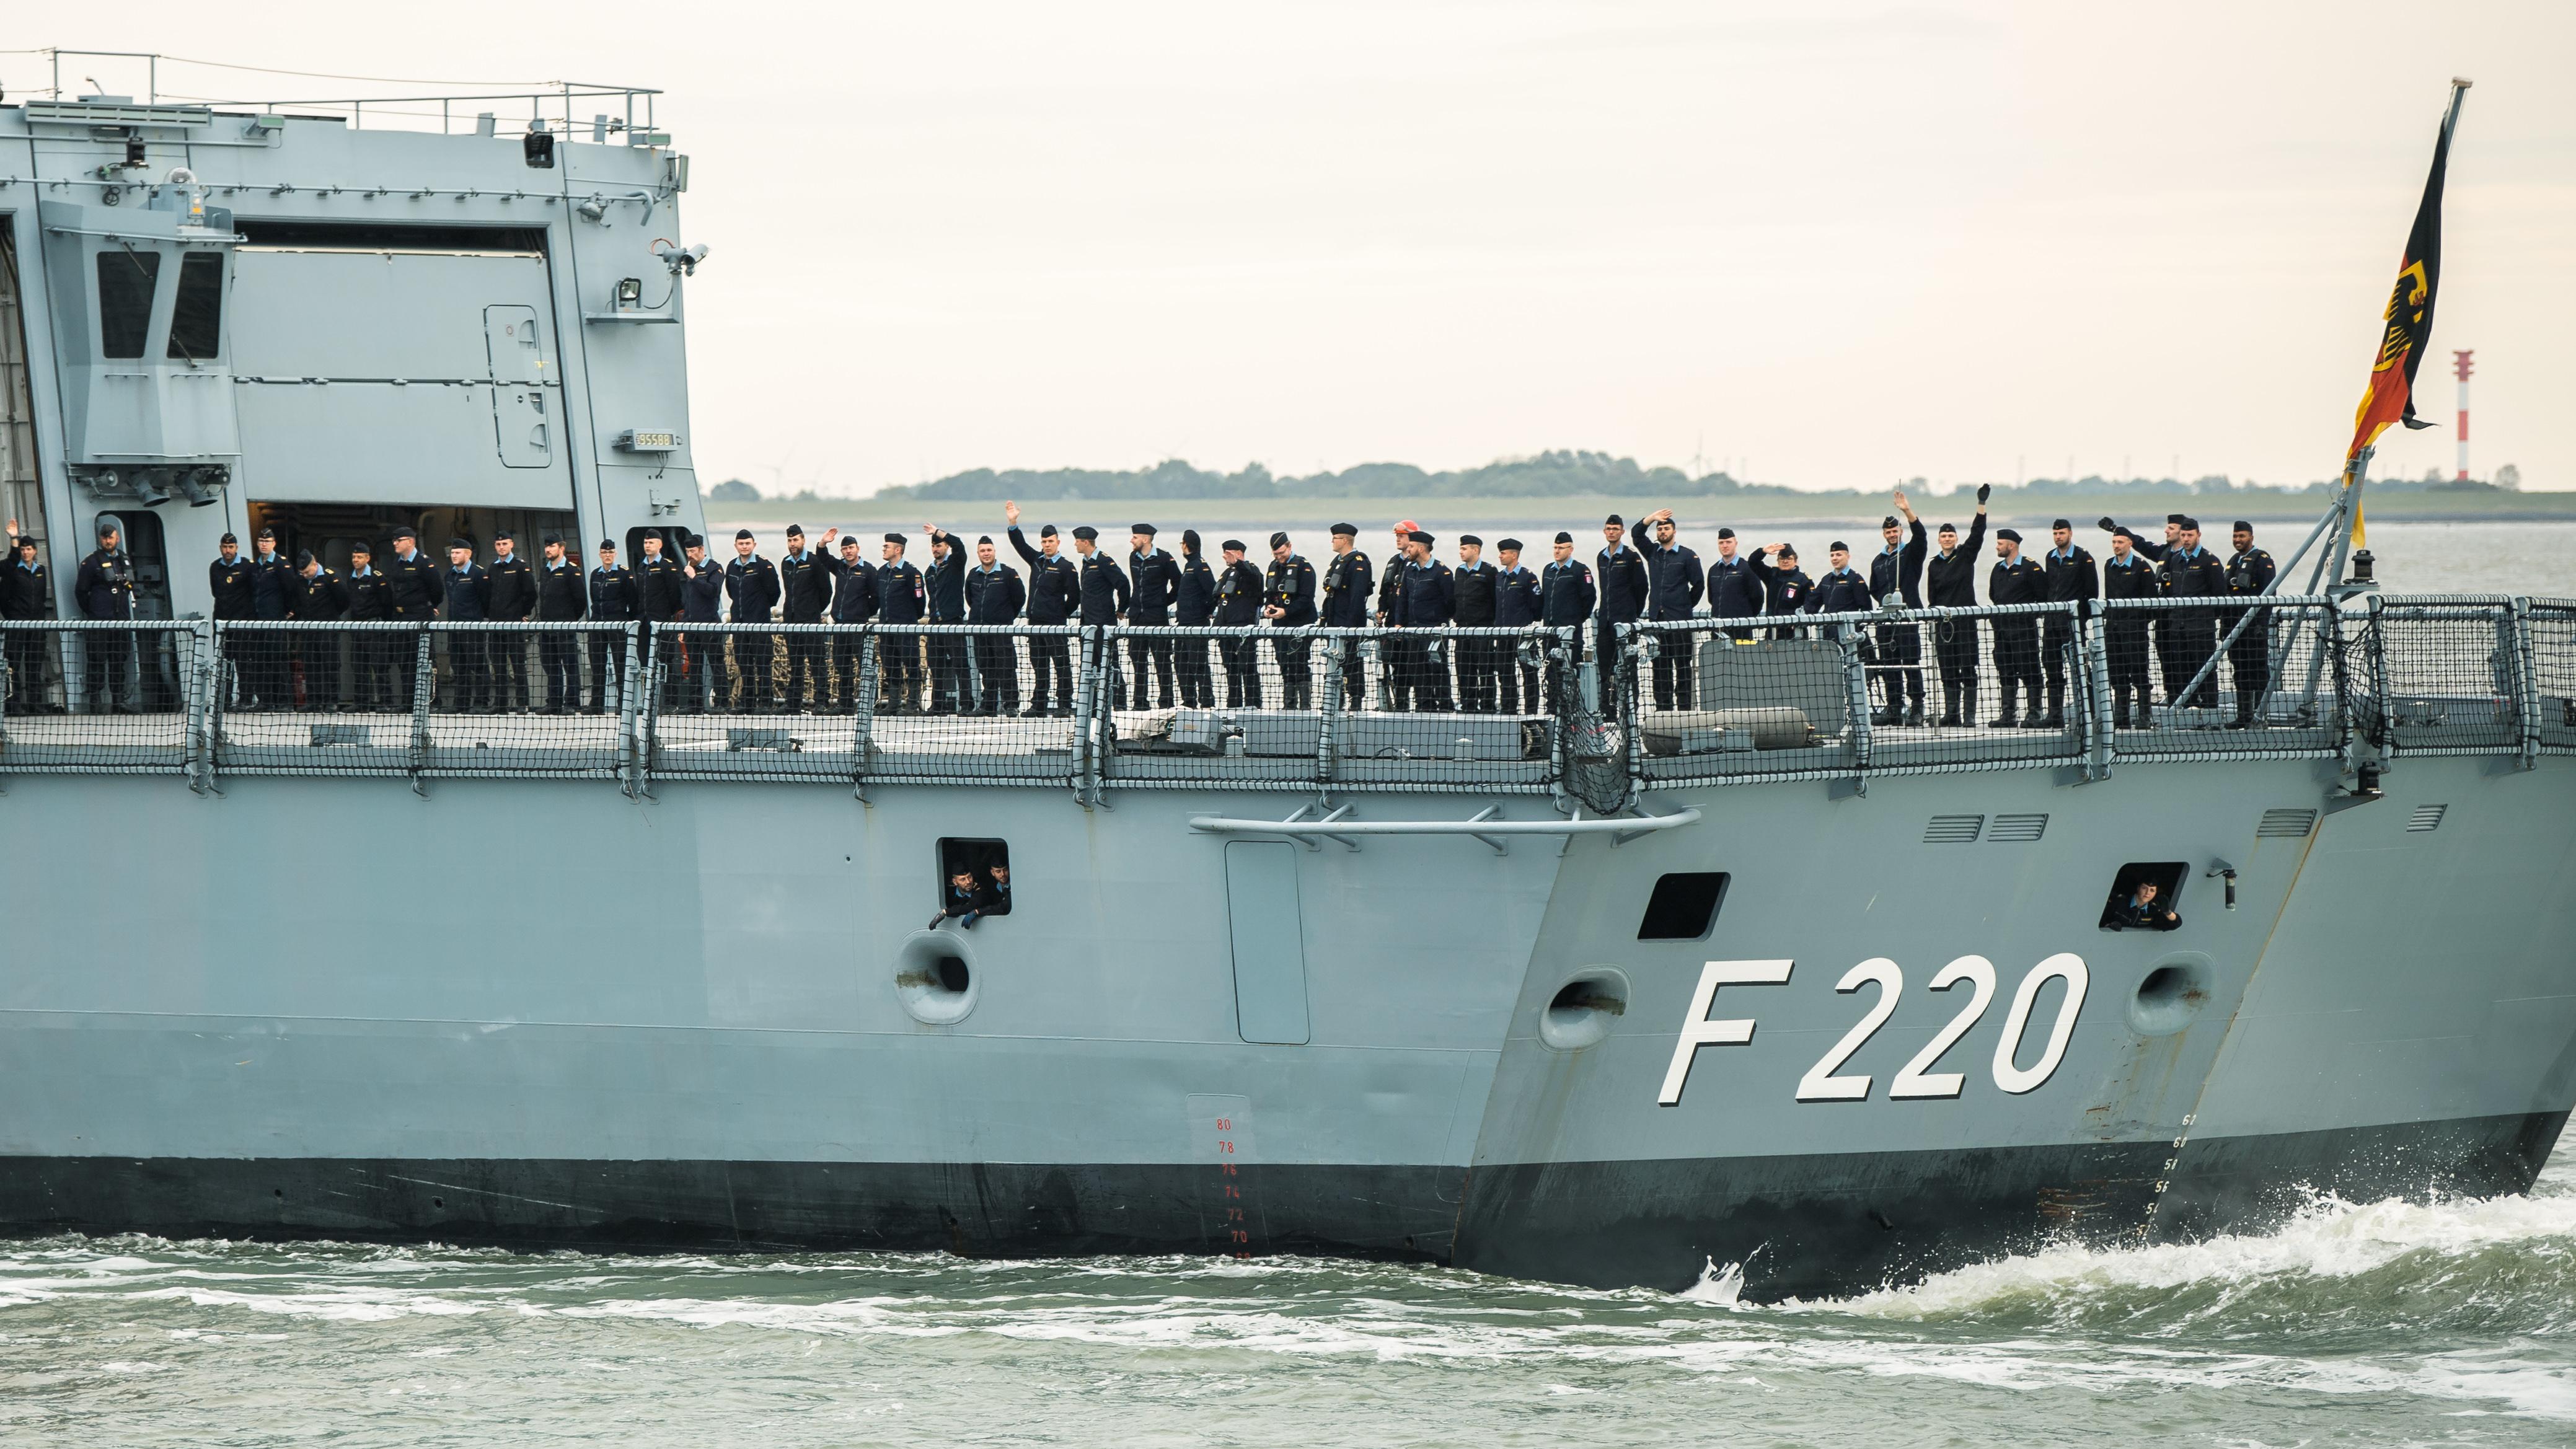 Im Auftrag der Kanzlerin: Deutsche Fregatte bricht nach Libyen auf